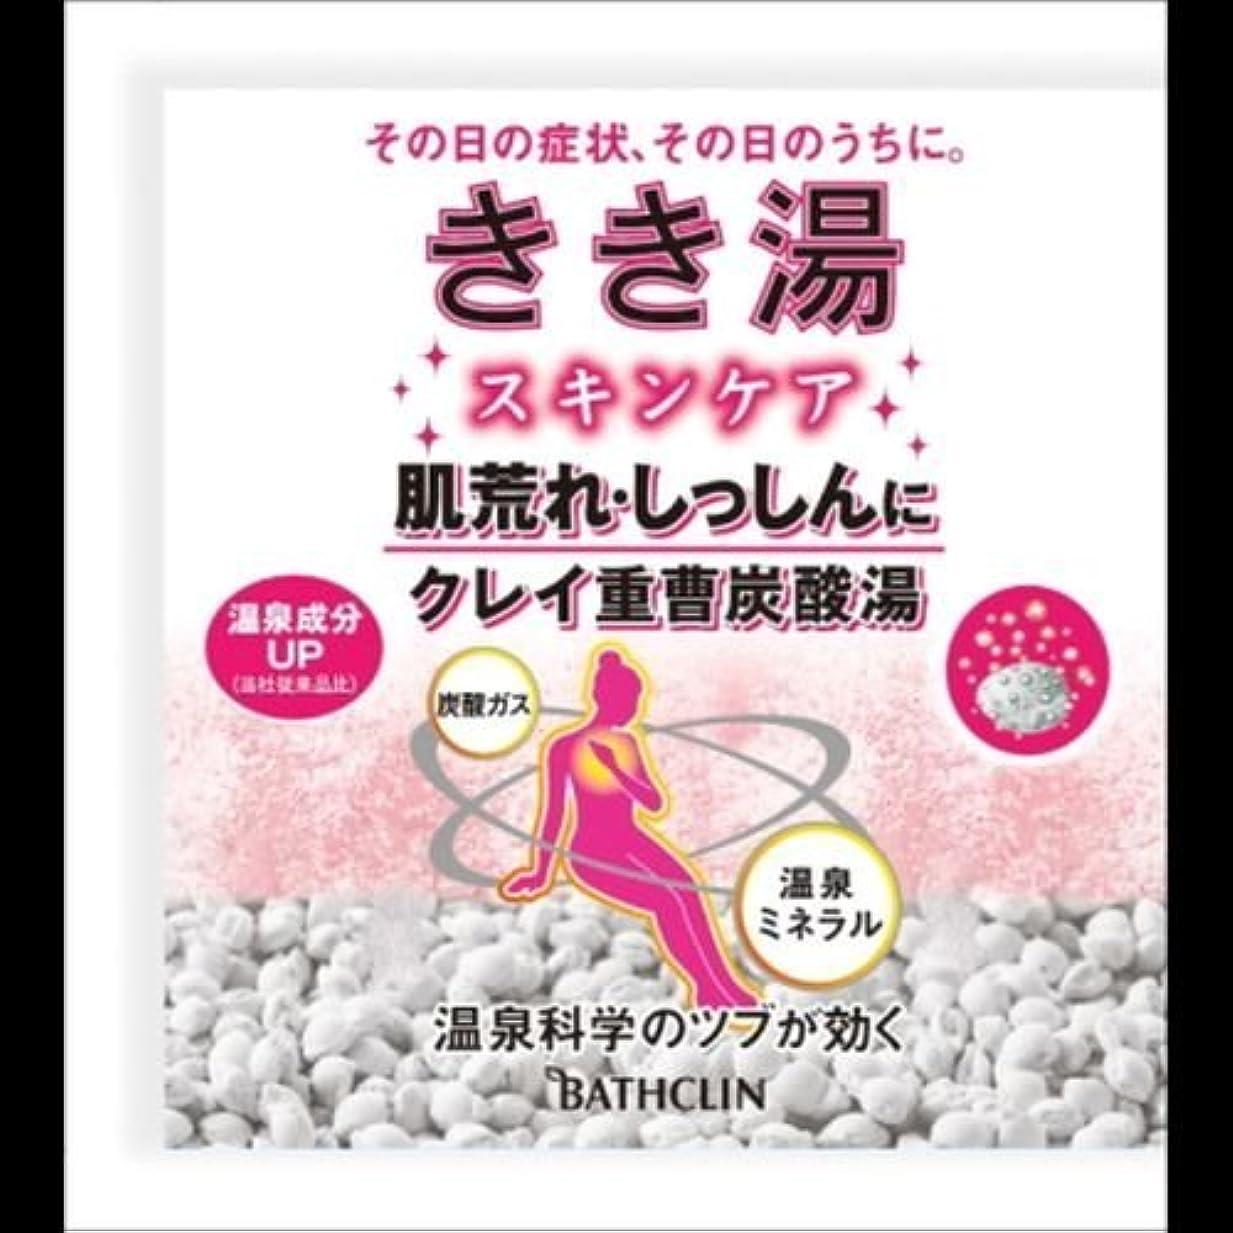 フロンティア水曜日反抗【まとめ買い】きき湯 クレイ重曹炭酸湯 30g(入浴剤) ×2セット